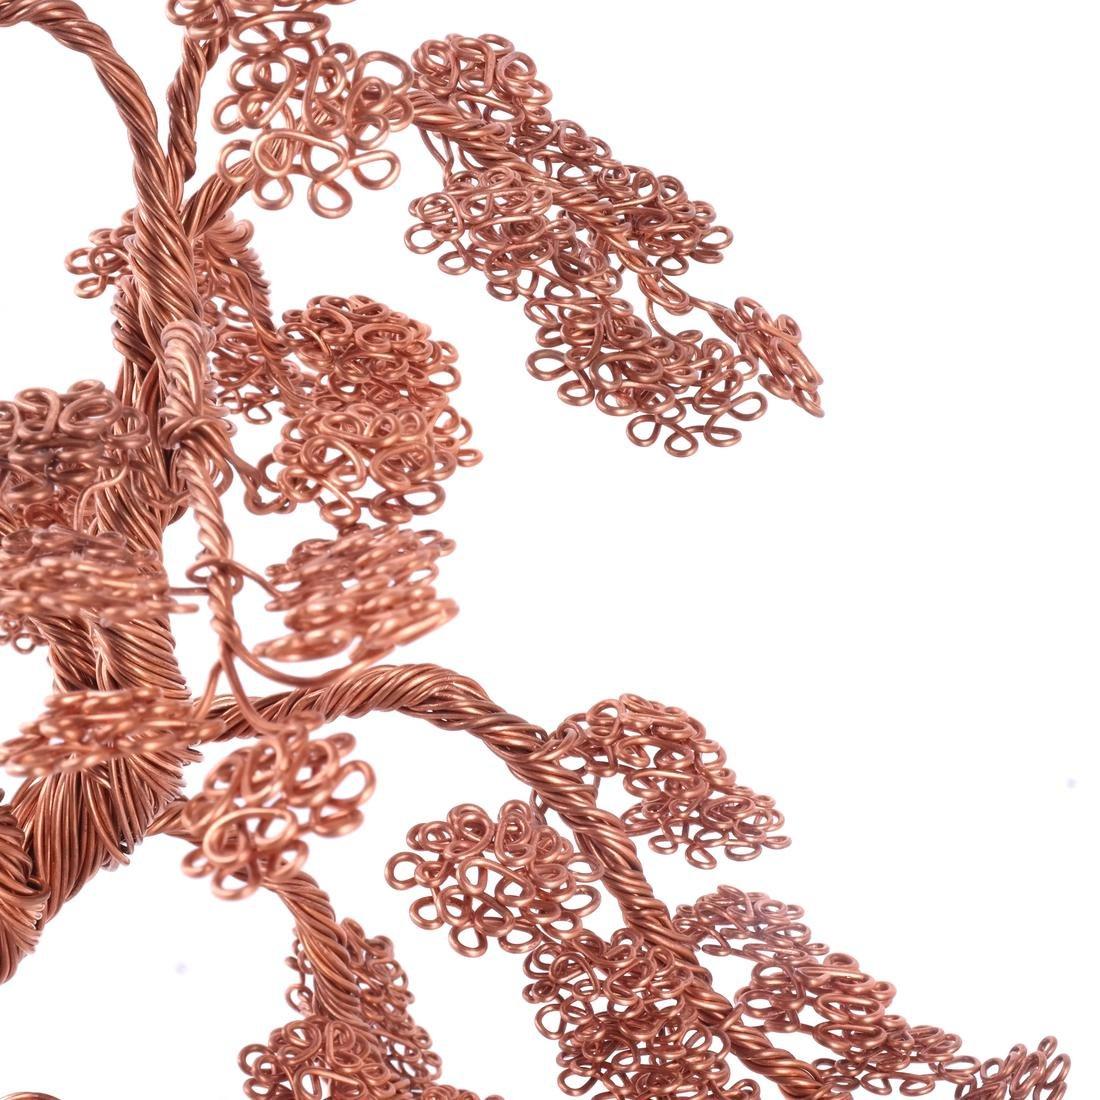 Hudson River Valley Outsider Art: Copper Tree - 2